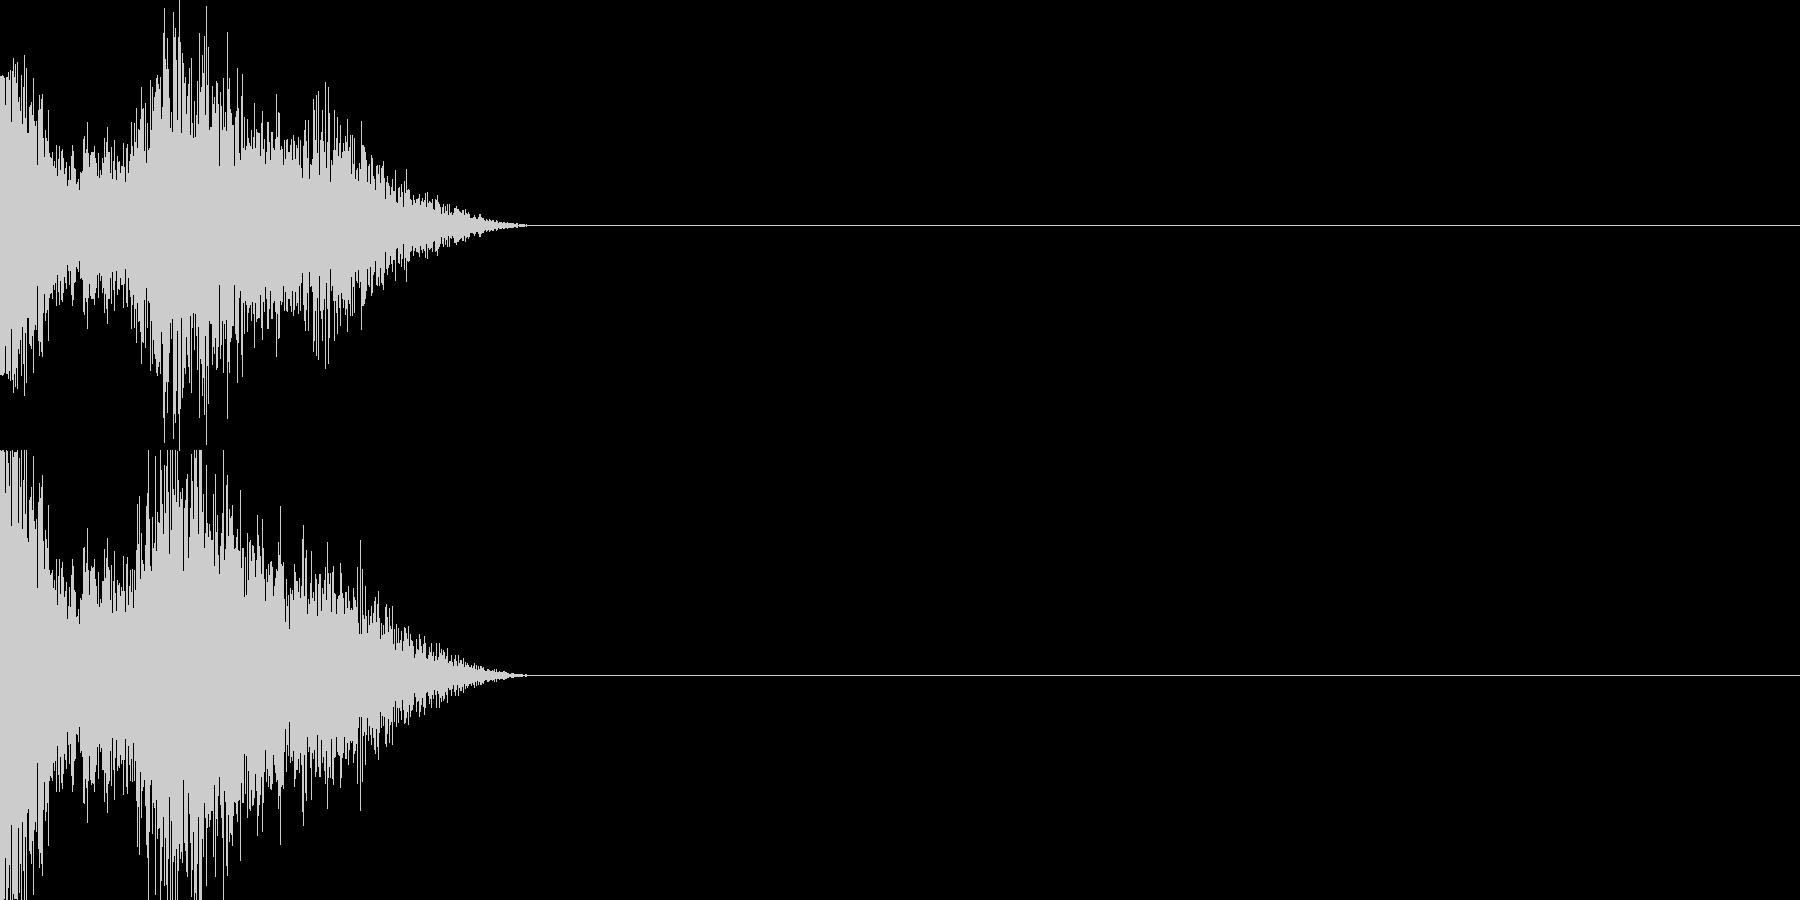 衝撃音01(弱め)の未再生の波形